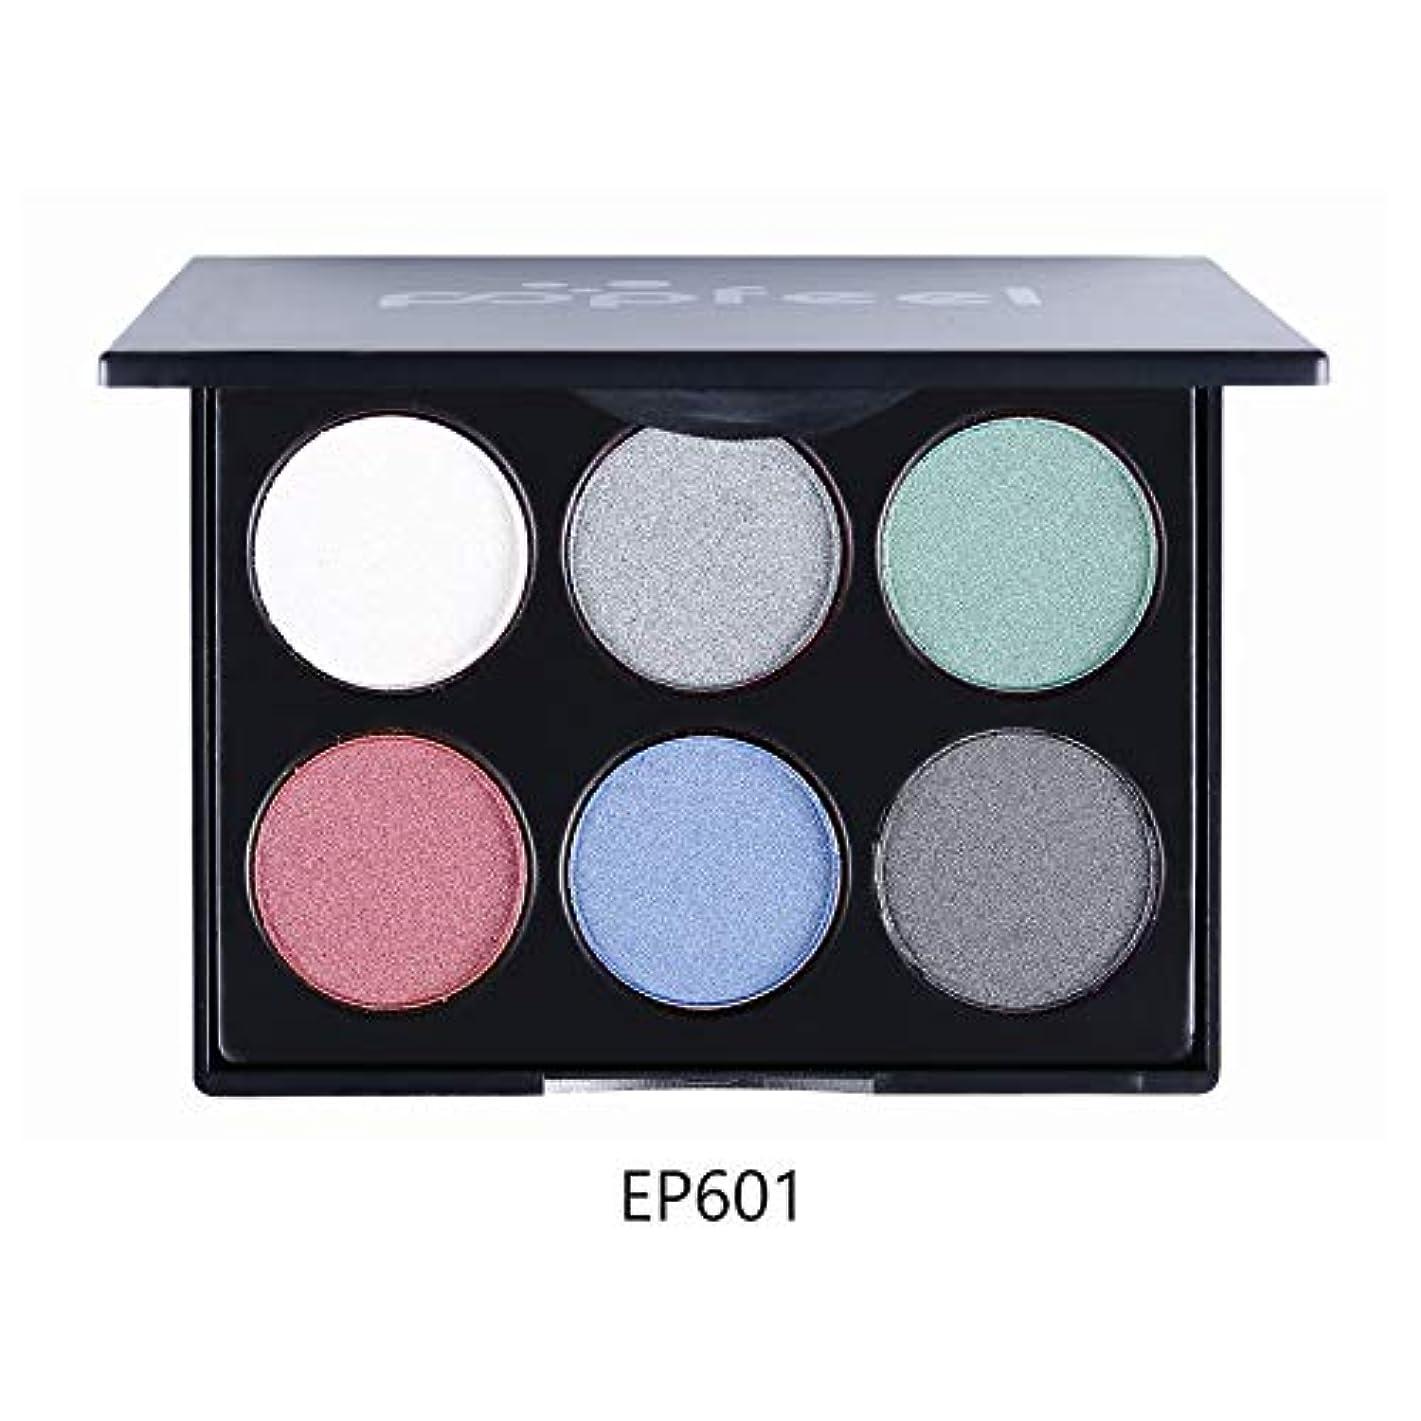 つまらない権限を与えるあまりにもRabugoo 6色マルチカラーアイシャドウパレットビーズマットアイシャドウ化粧品メイクアップ EP6#1